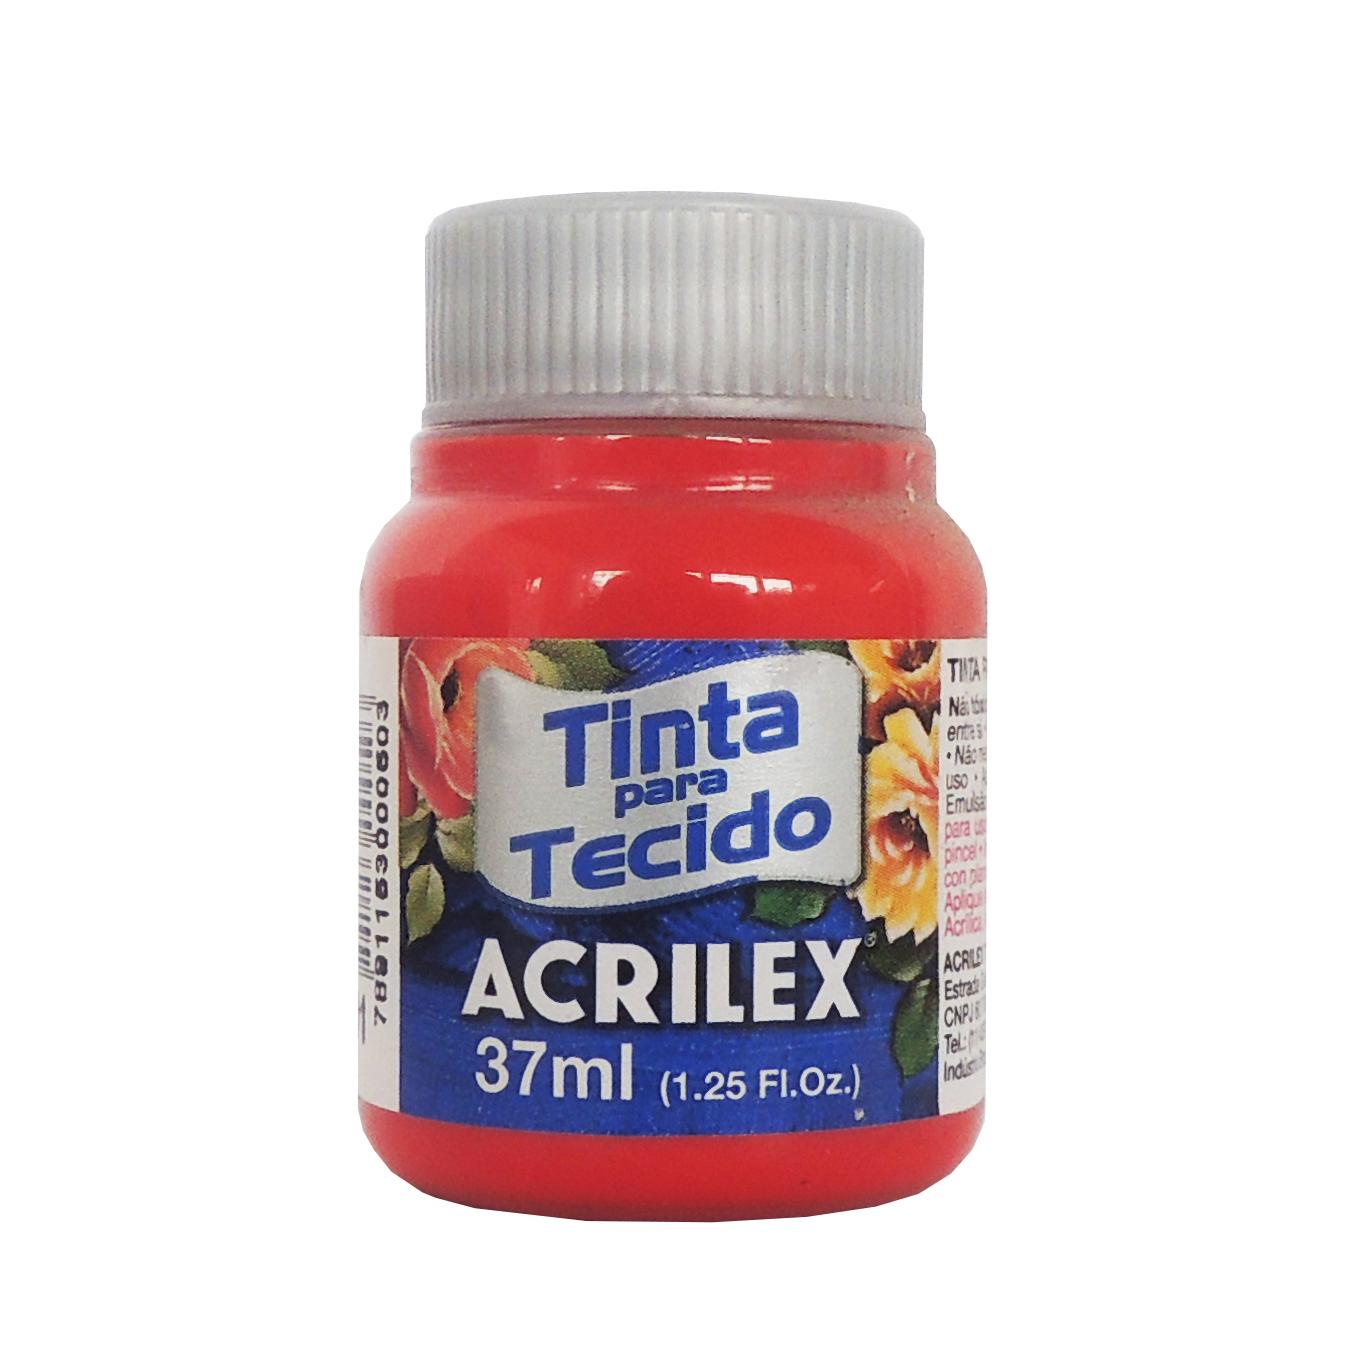 tinta-para-tecido-acrilex-37ml-801-tangerina